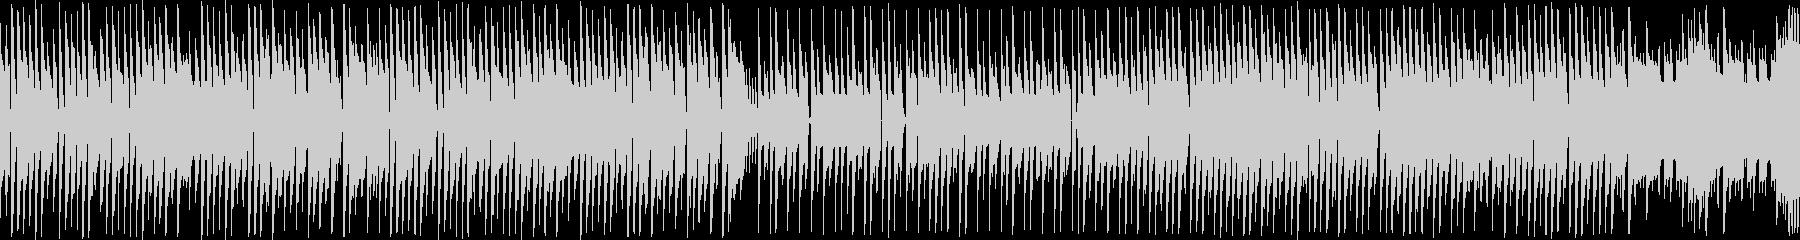 レトロゲーム風ポップで可愛いBGMループの未再生の波形